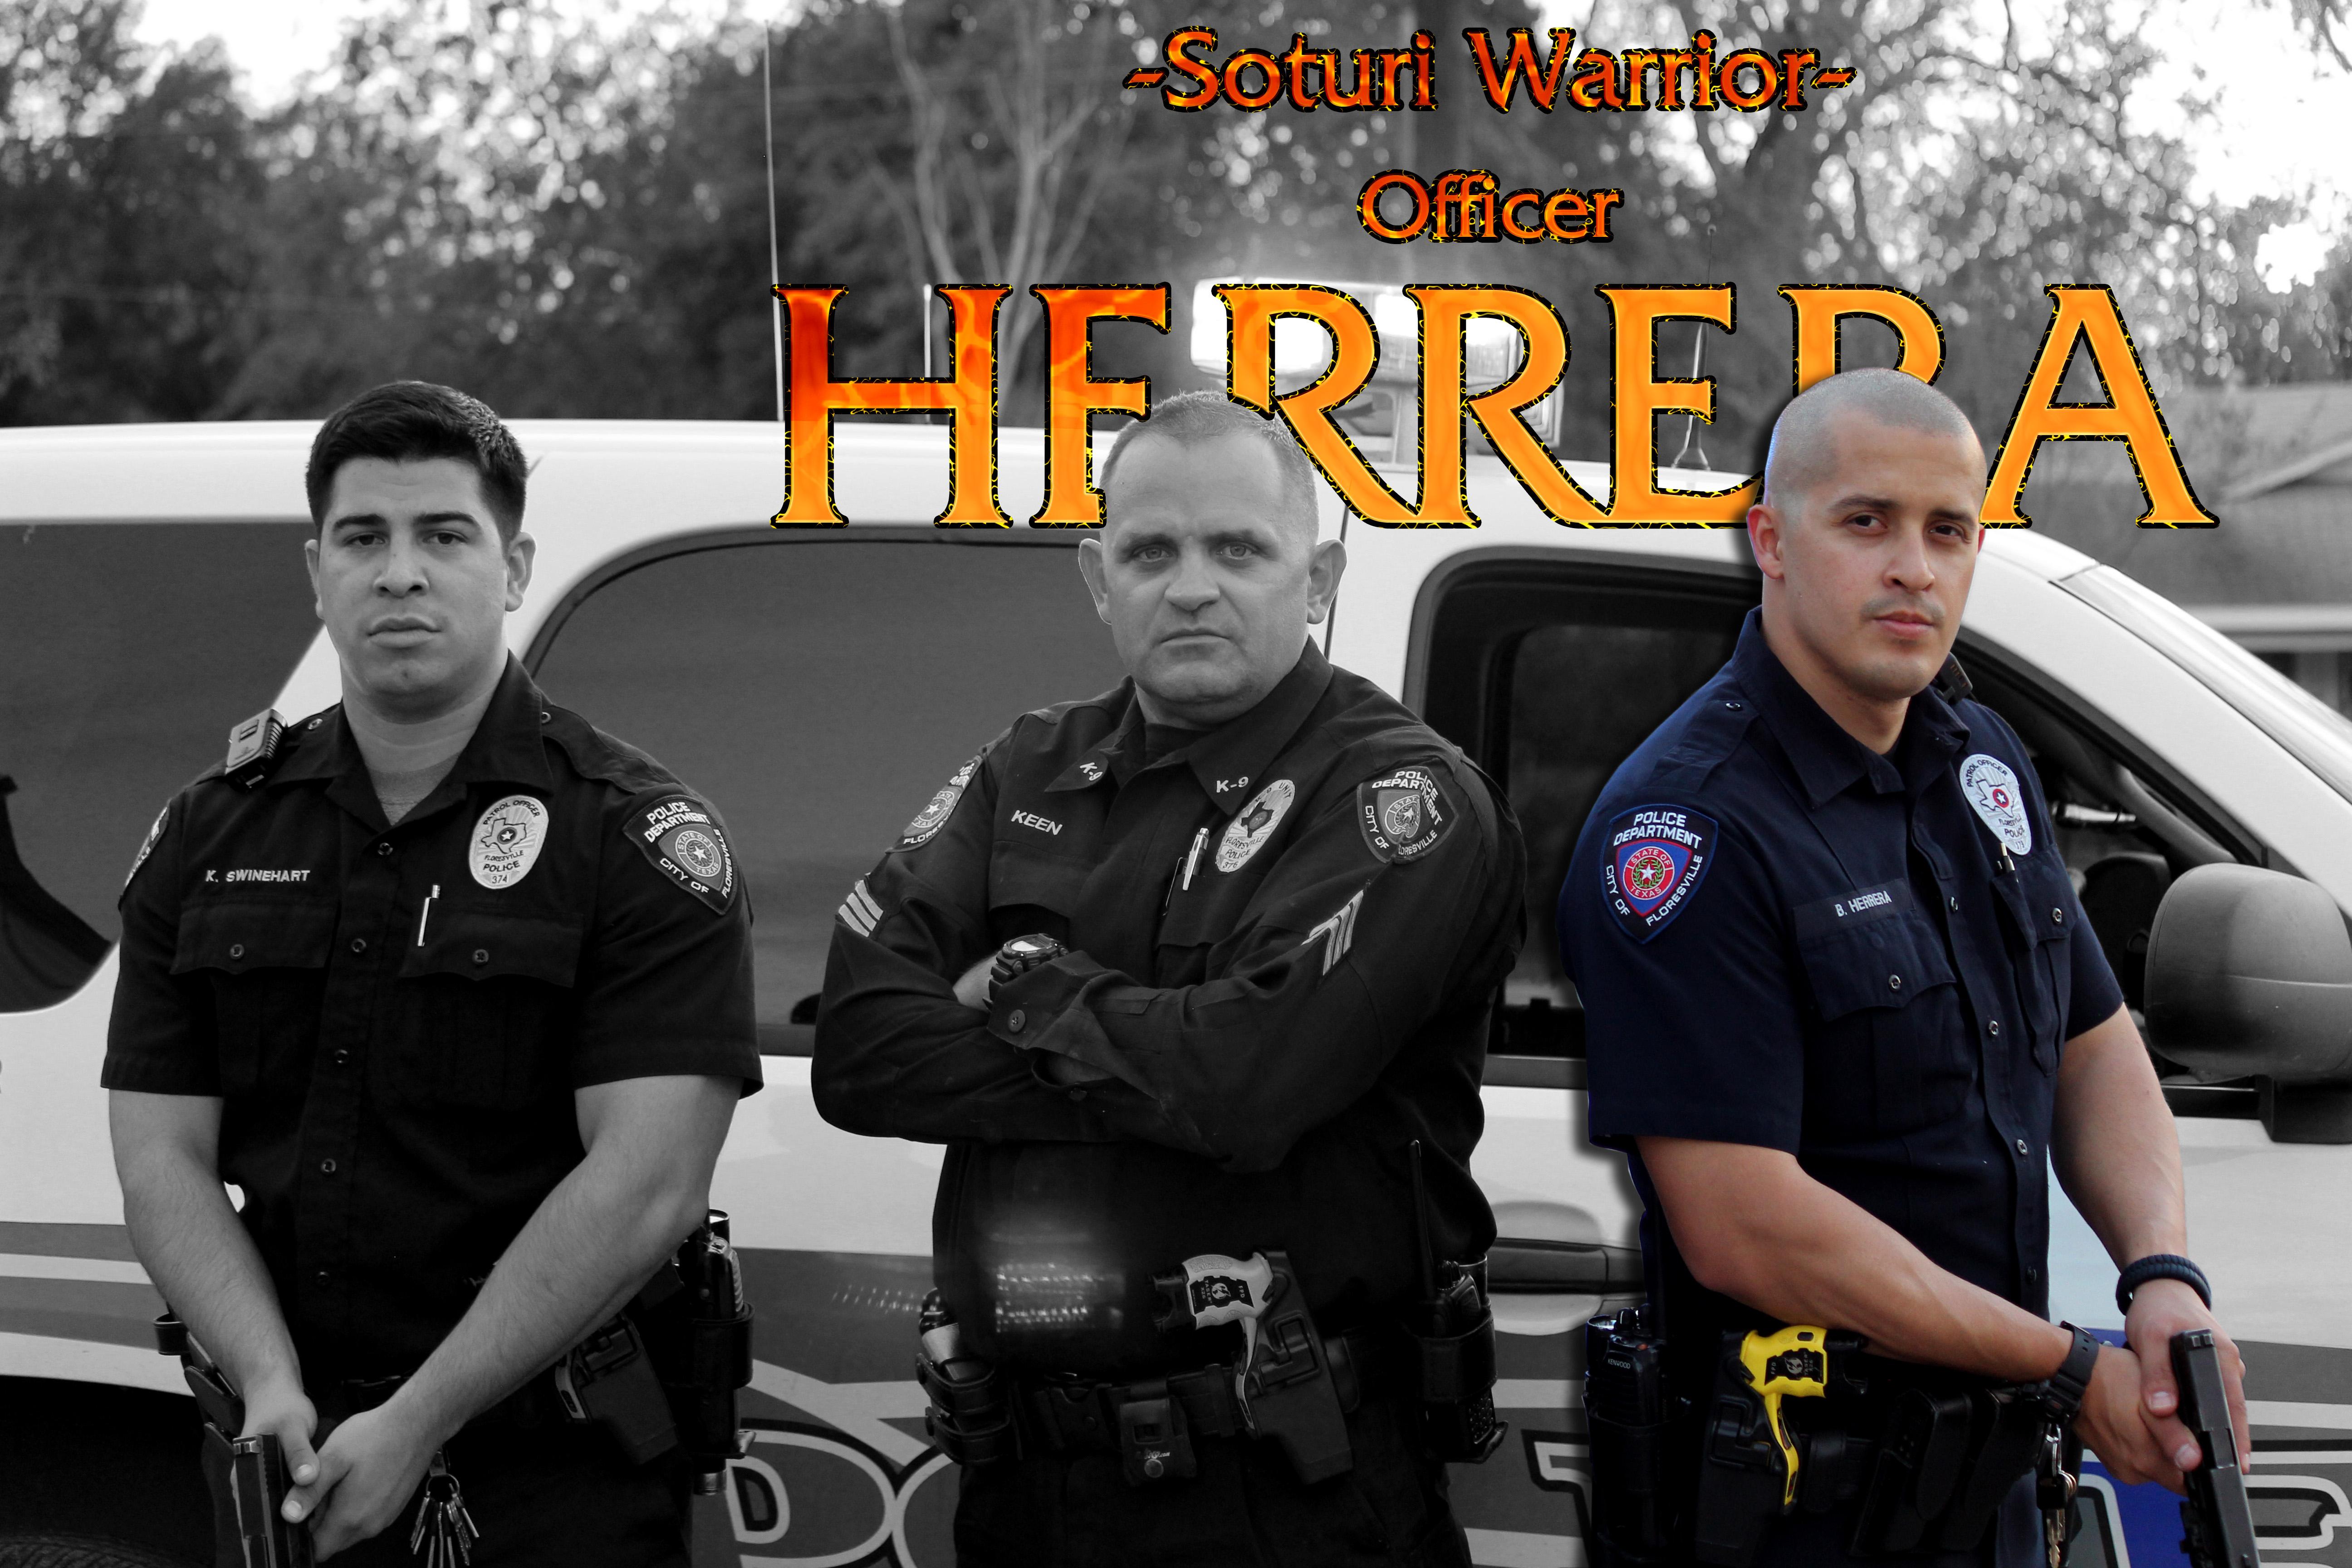 Officer Herrera intro.jpg